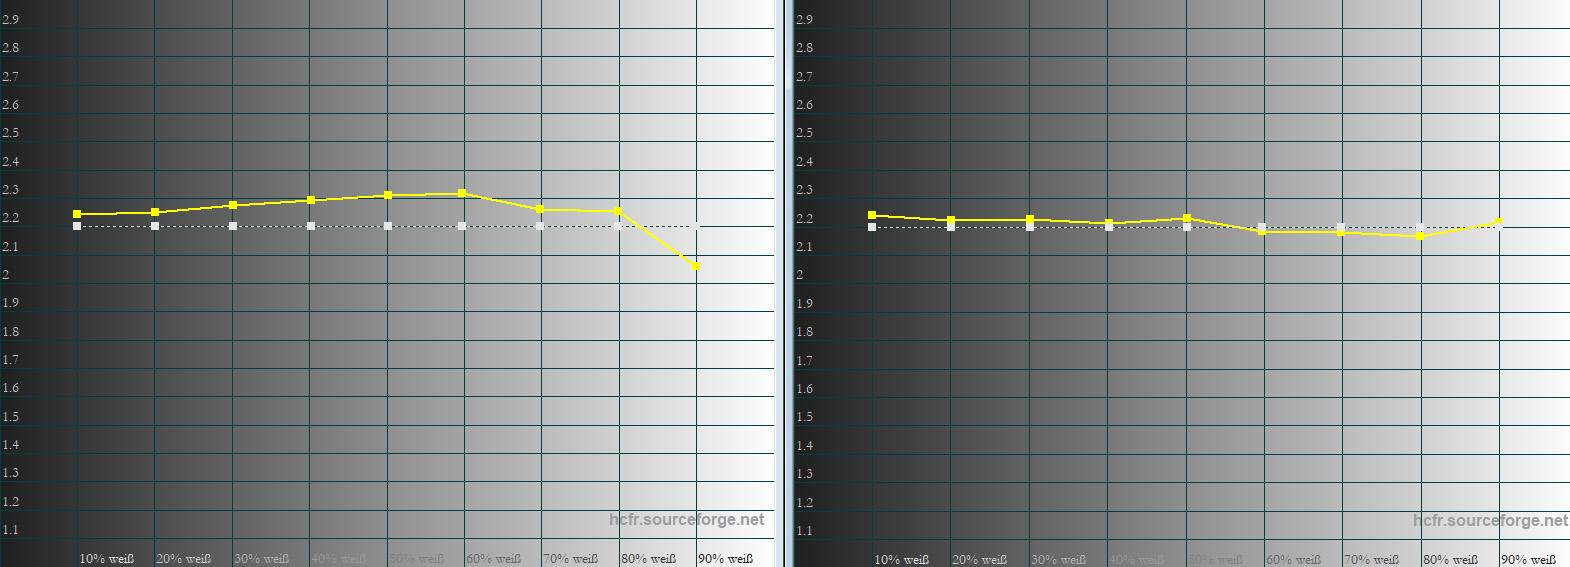 Gamma Der Gammaverlauf ist nach der Kalibrierung (rechts) völlig im Soll. Doch auch in der Werkseinstellung (links) gibt es kaum einen Grund zum Kritteln. Die Aufhellung bei 90 % spielt in der Praxis keine Rolle, weil sie schlicht und ergreifend nicht sichtbar ist.